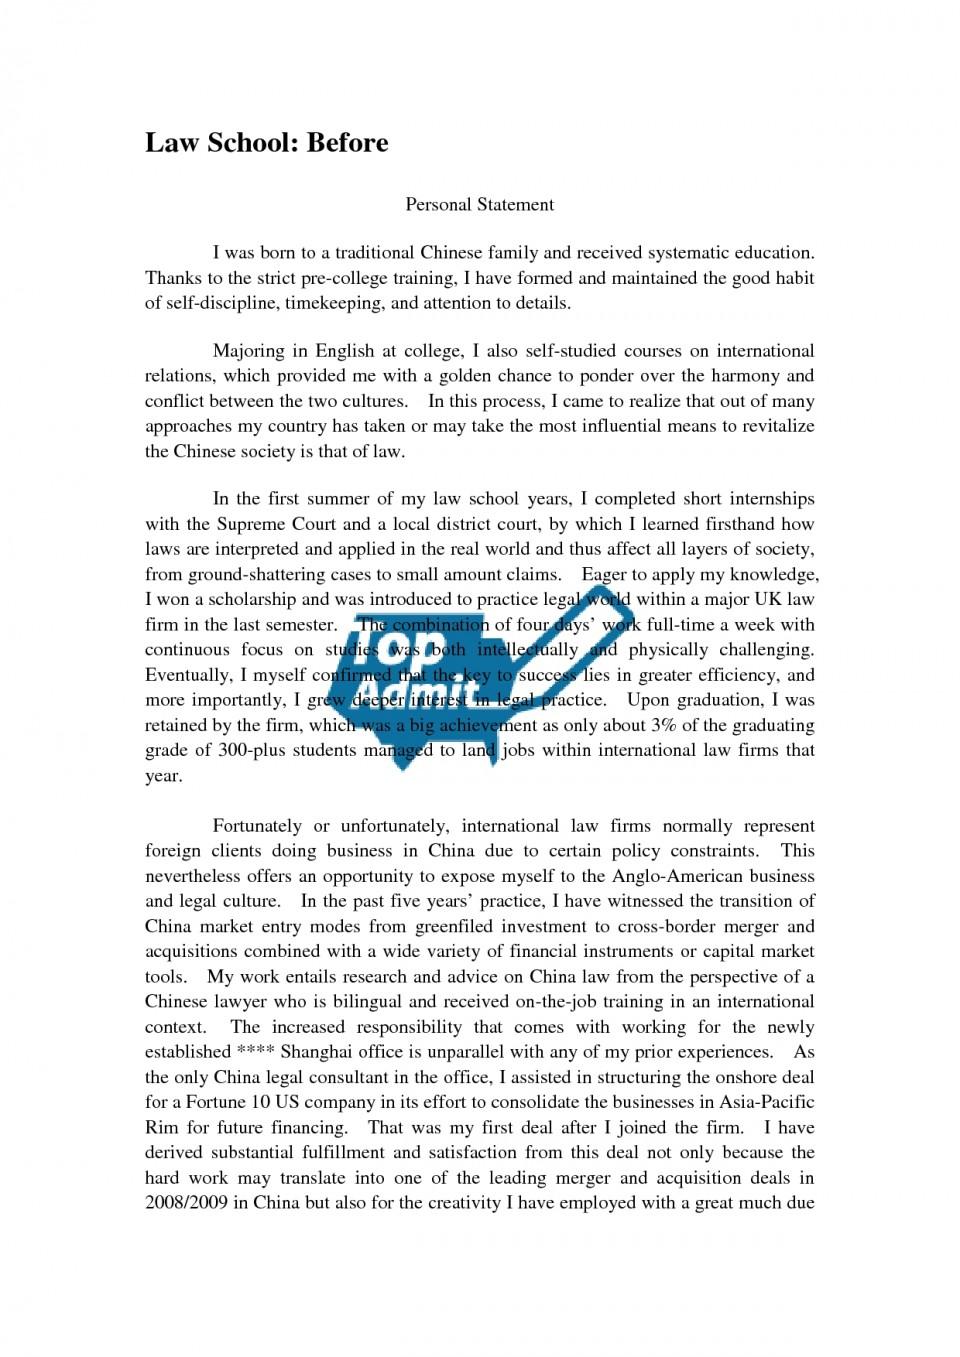 021 Essay For Graduate Admission Example Surprising Nursing School Personal 960